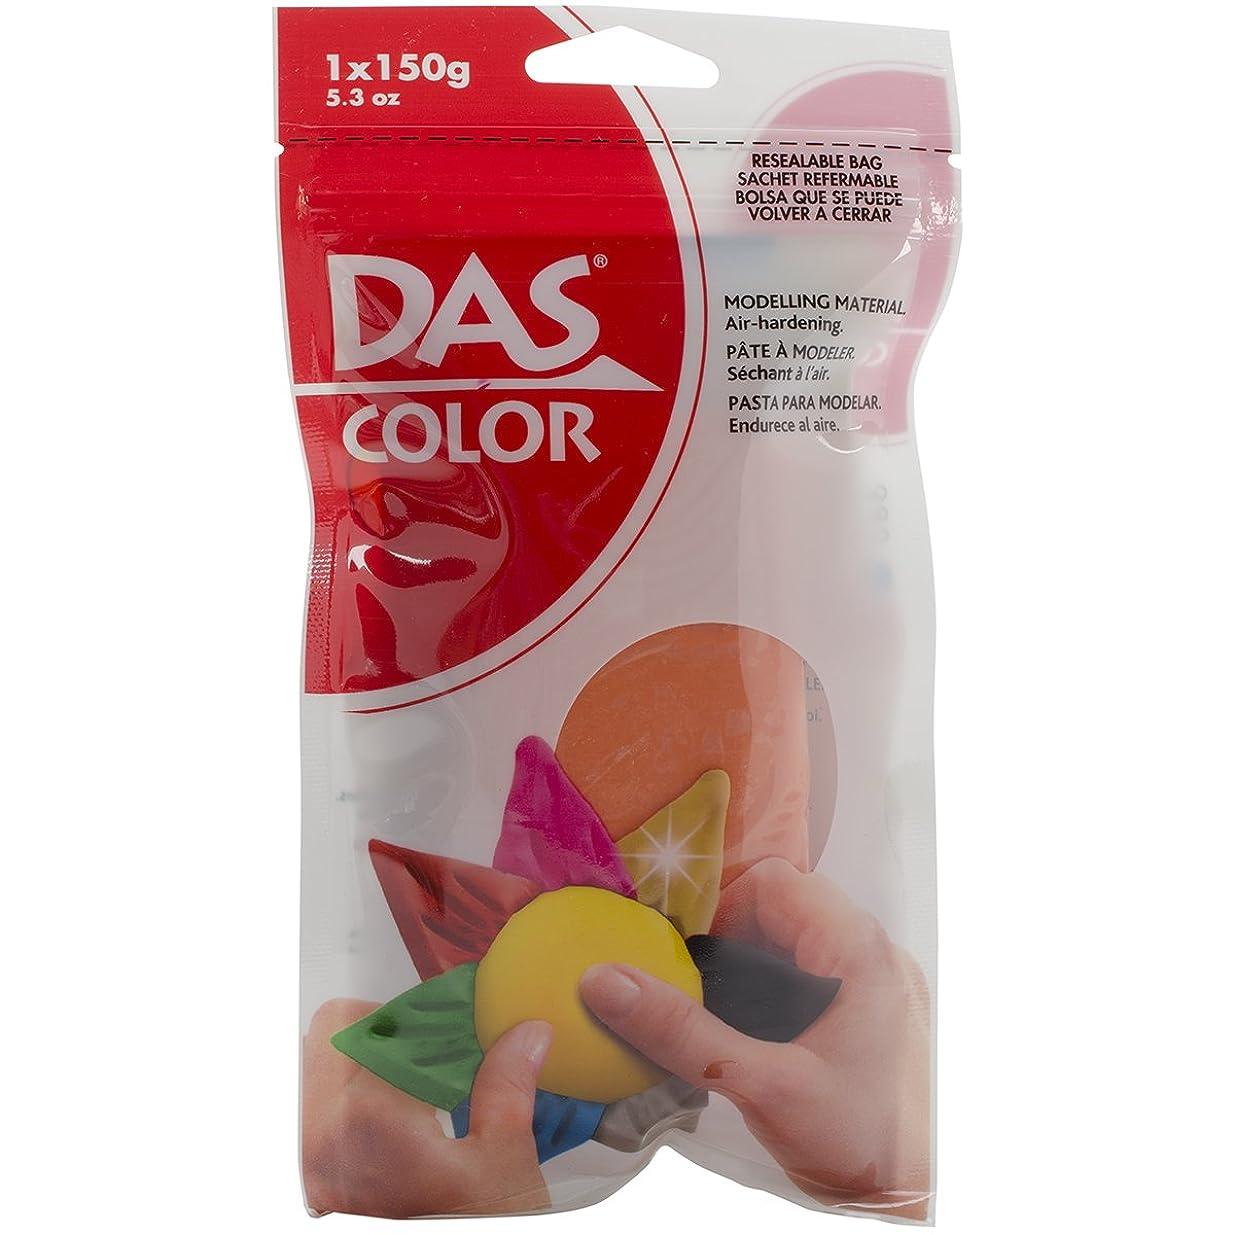 一流月曜紳士Das 色空気乾燥粘土 5.3 オンス オレンジ